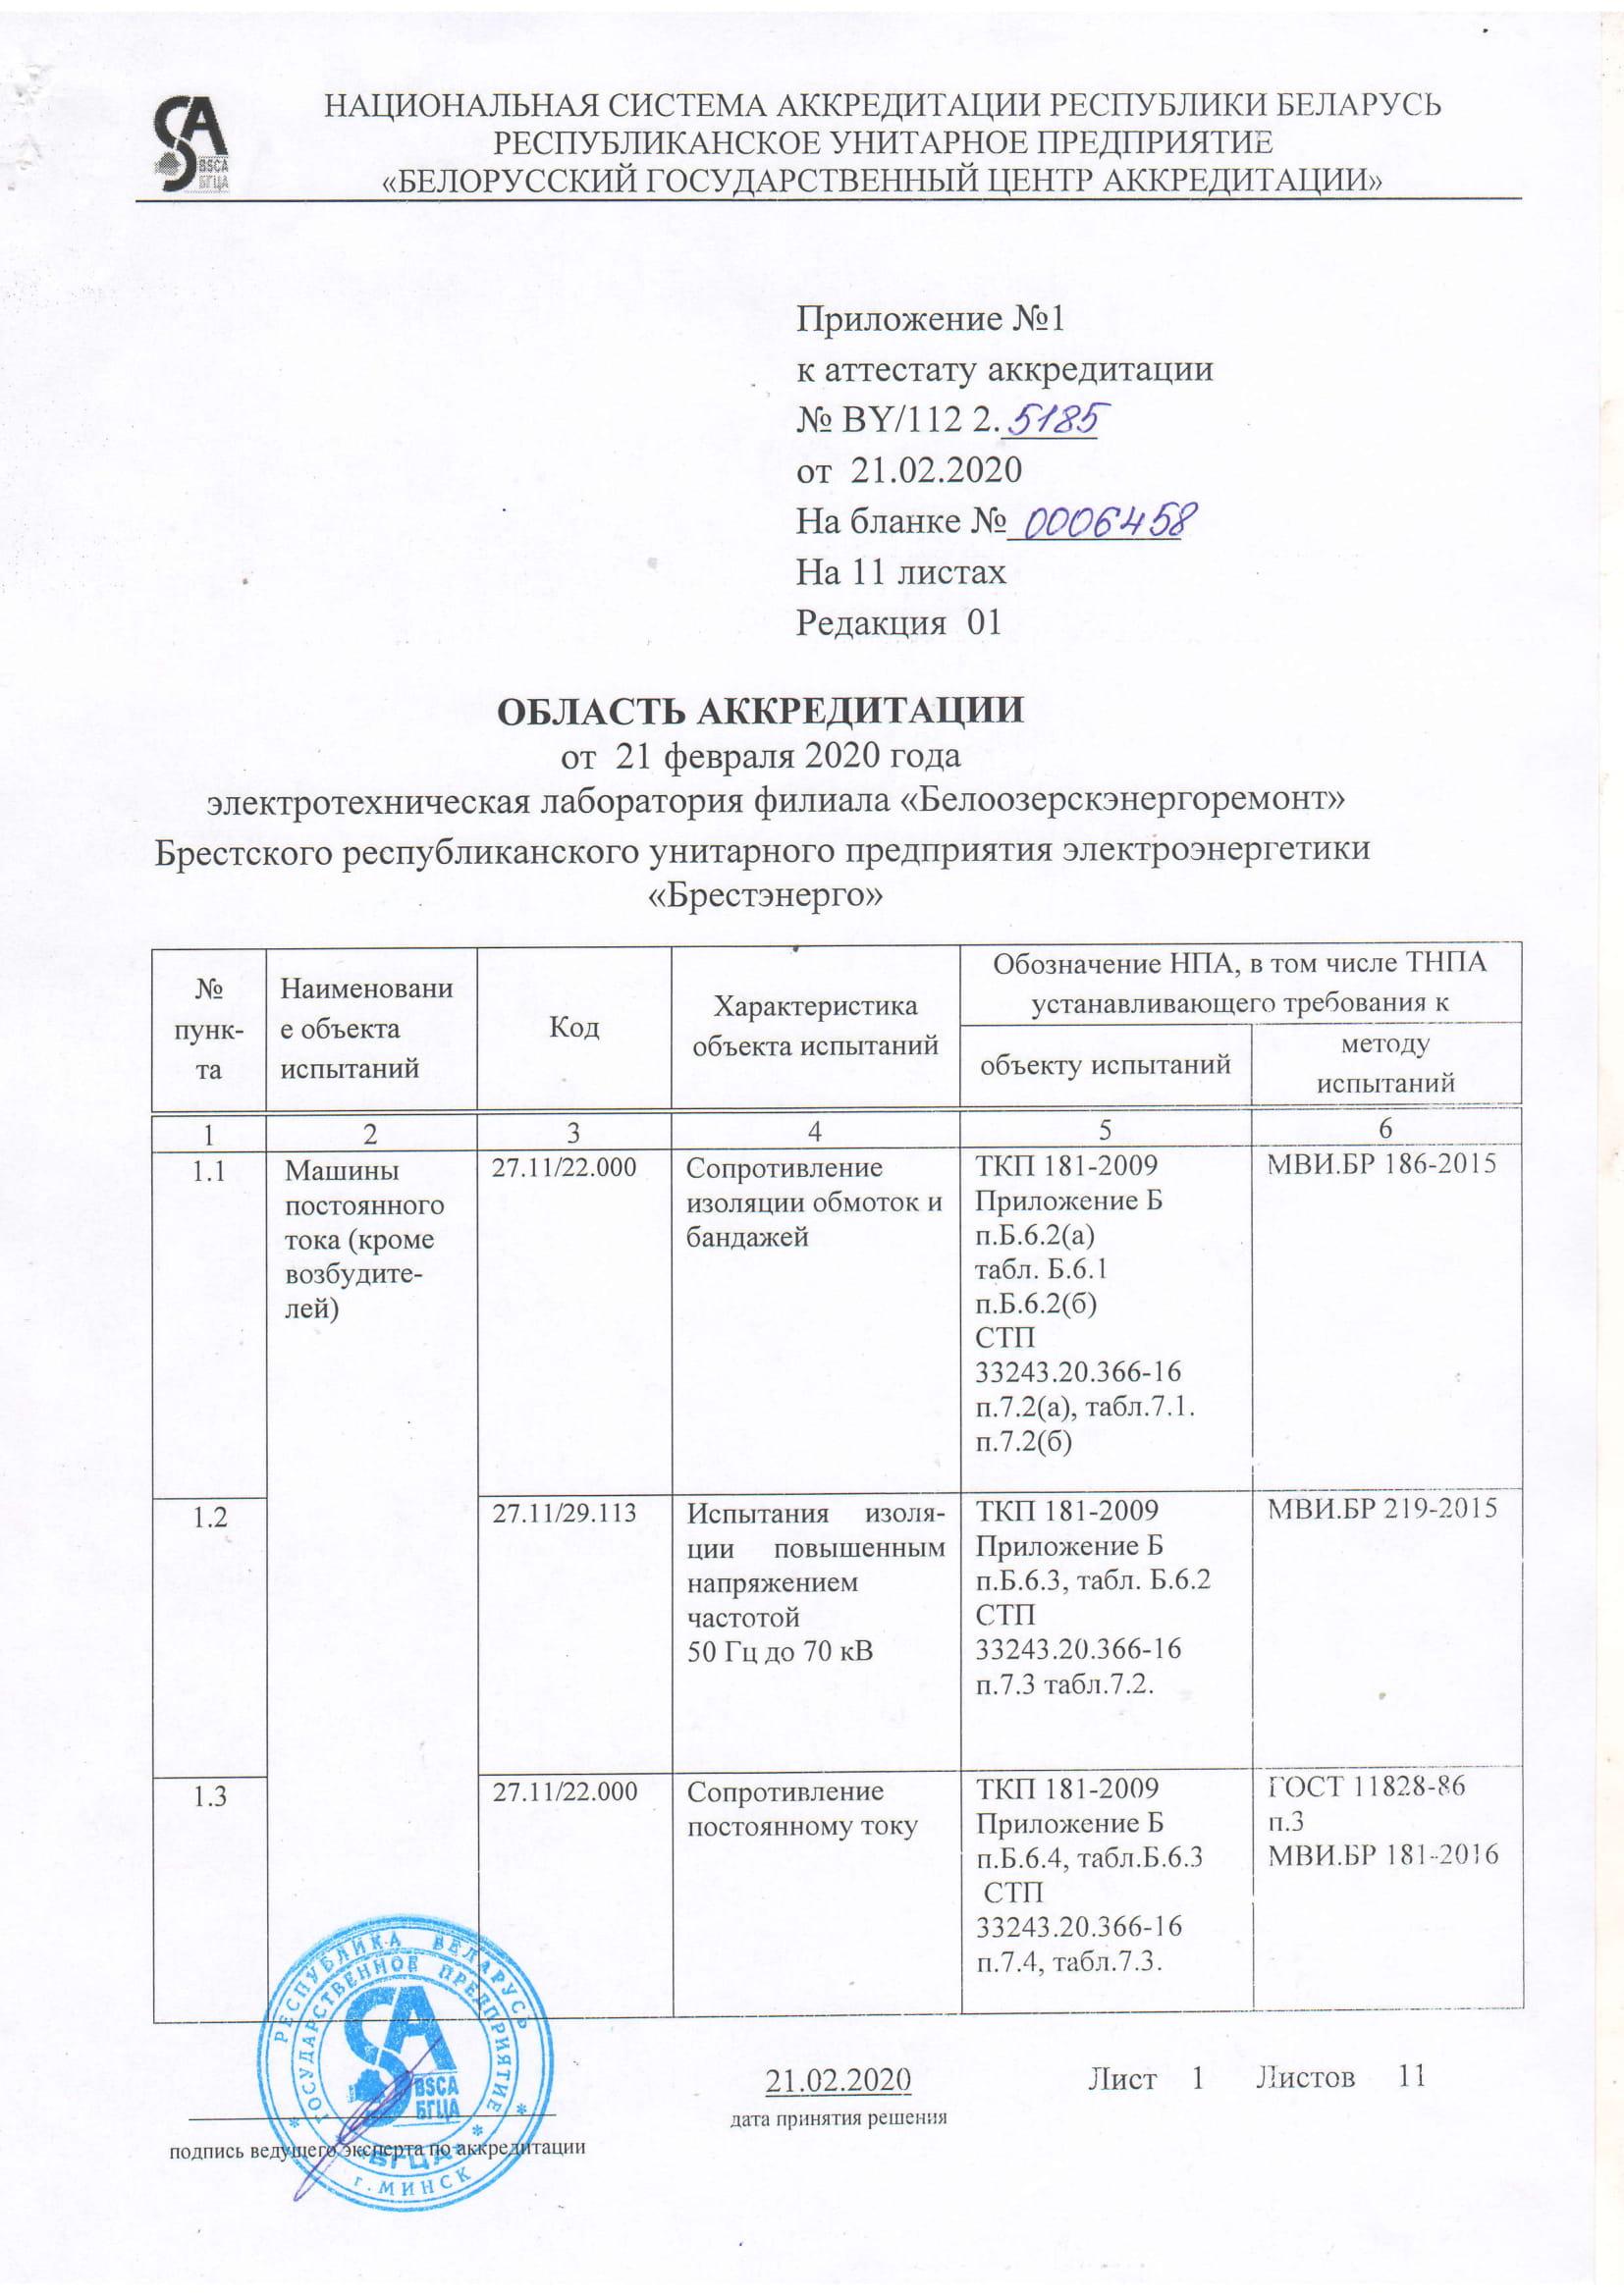 Область аккредитации ЭТЛ-01